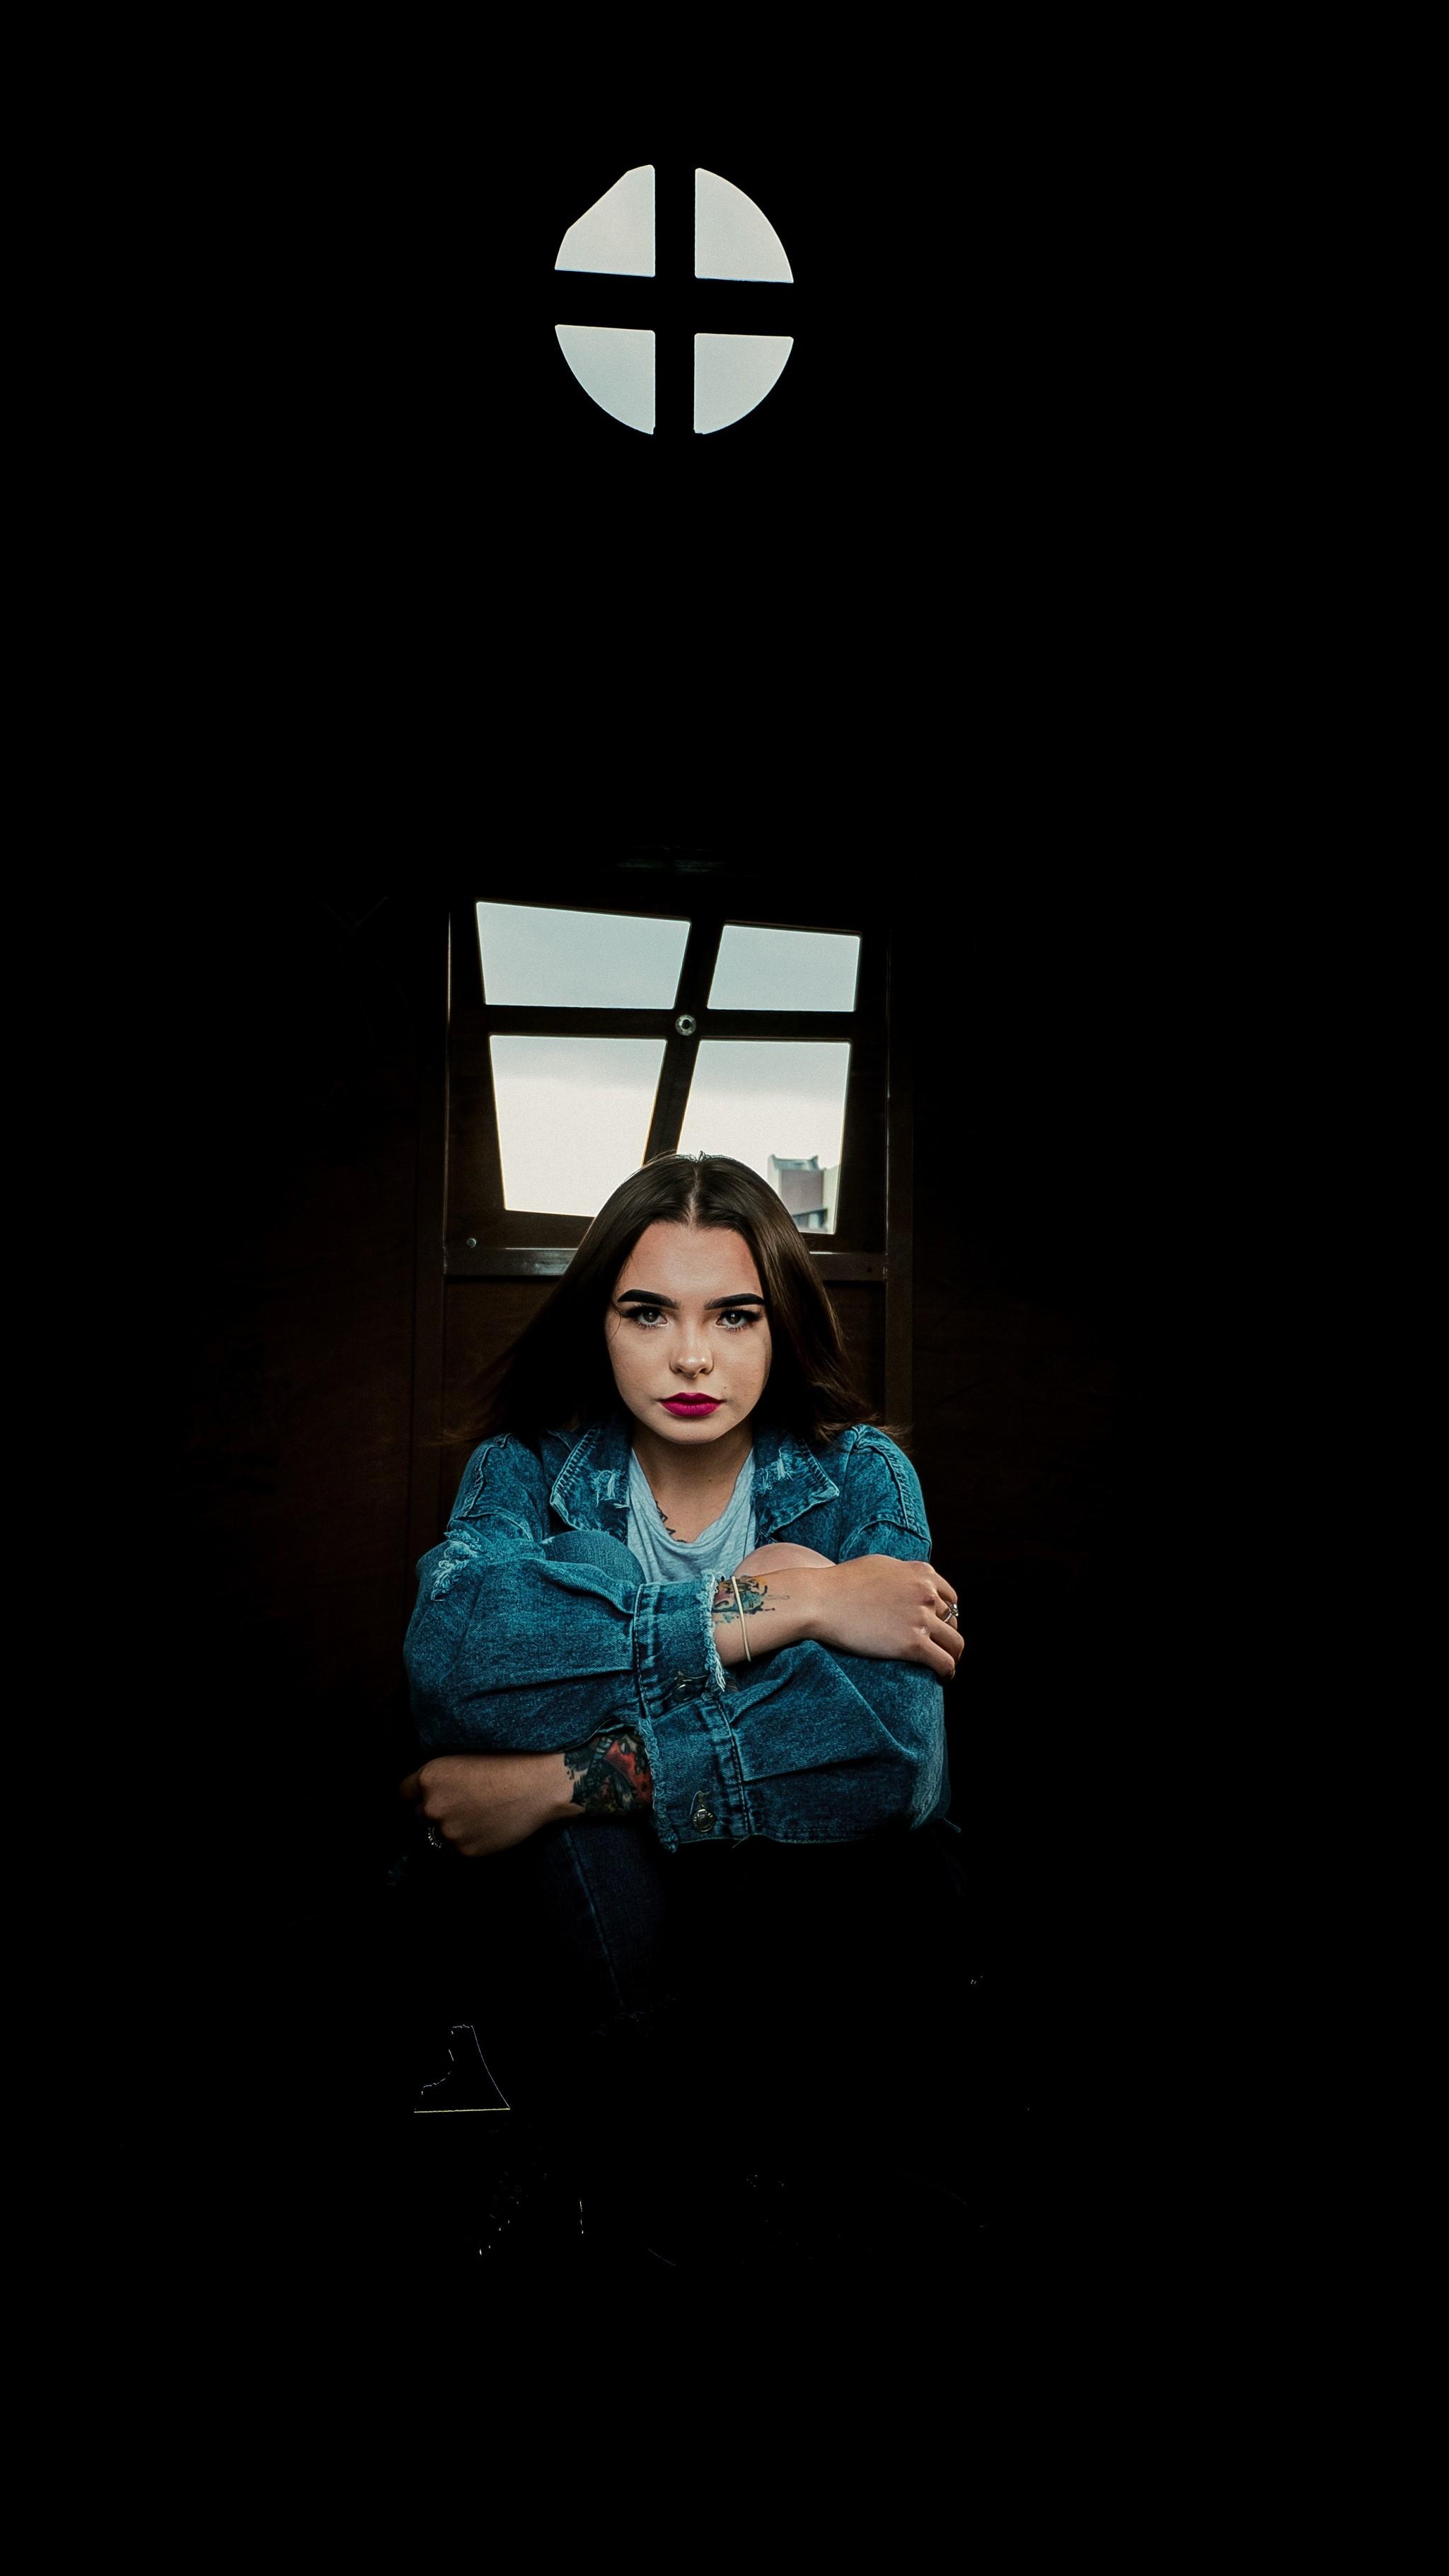 Ищу фотографа краснодар работа девушке в туле